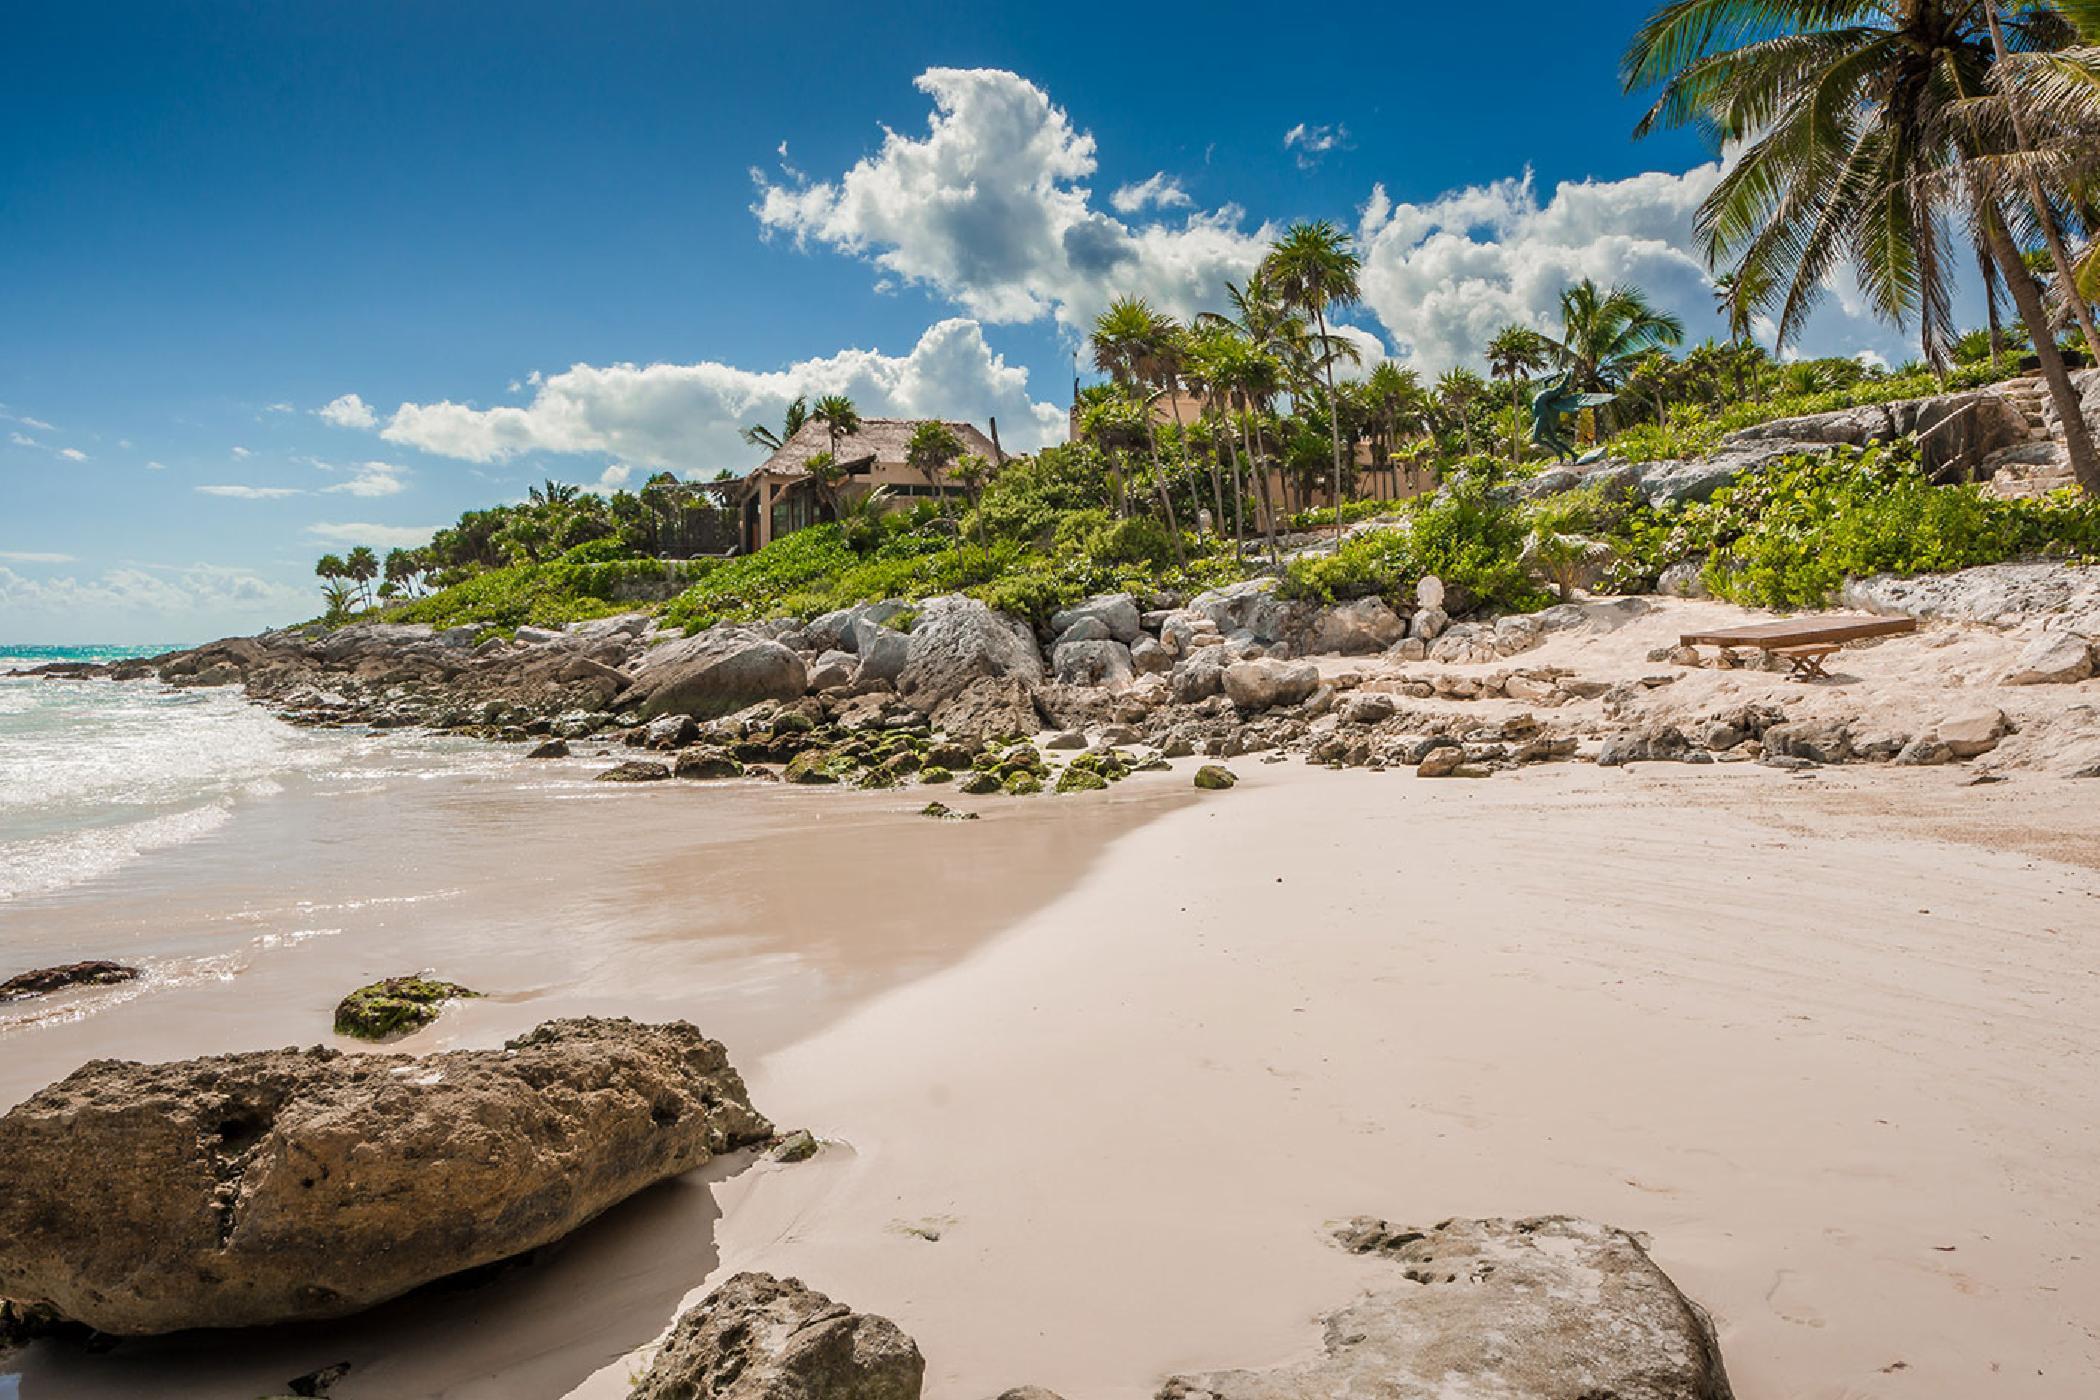 Maya_Luxe_Riviera_Maya_Luxury_Villas_Experiences_Tulum_Beach_5_Bedrooms_Villa_Miramar_27.jpg